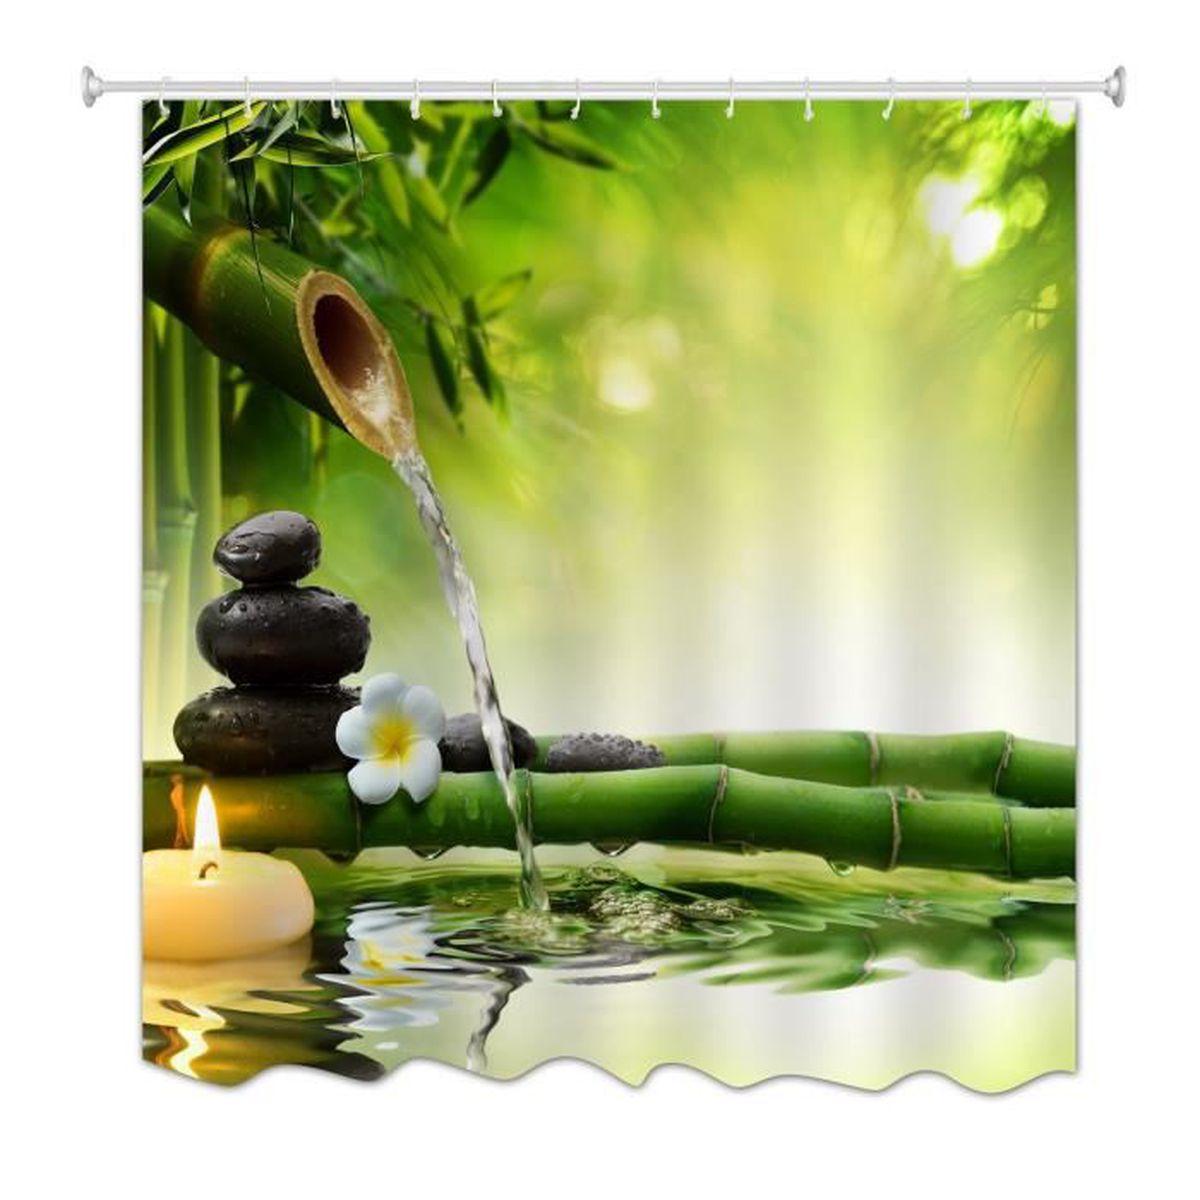 Décoration Salle De Méditation a.monamour yoga méditation zen eau bambou vert paysage